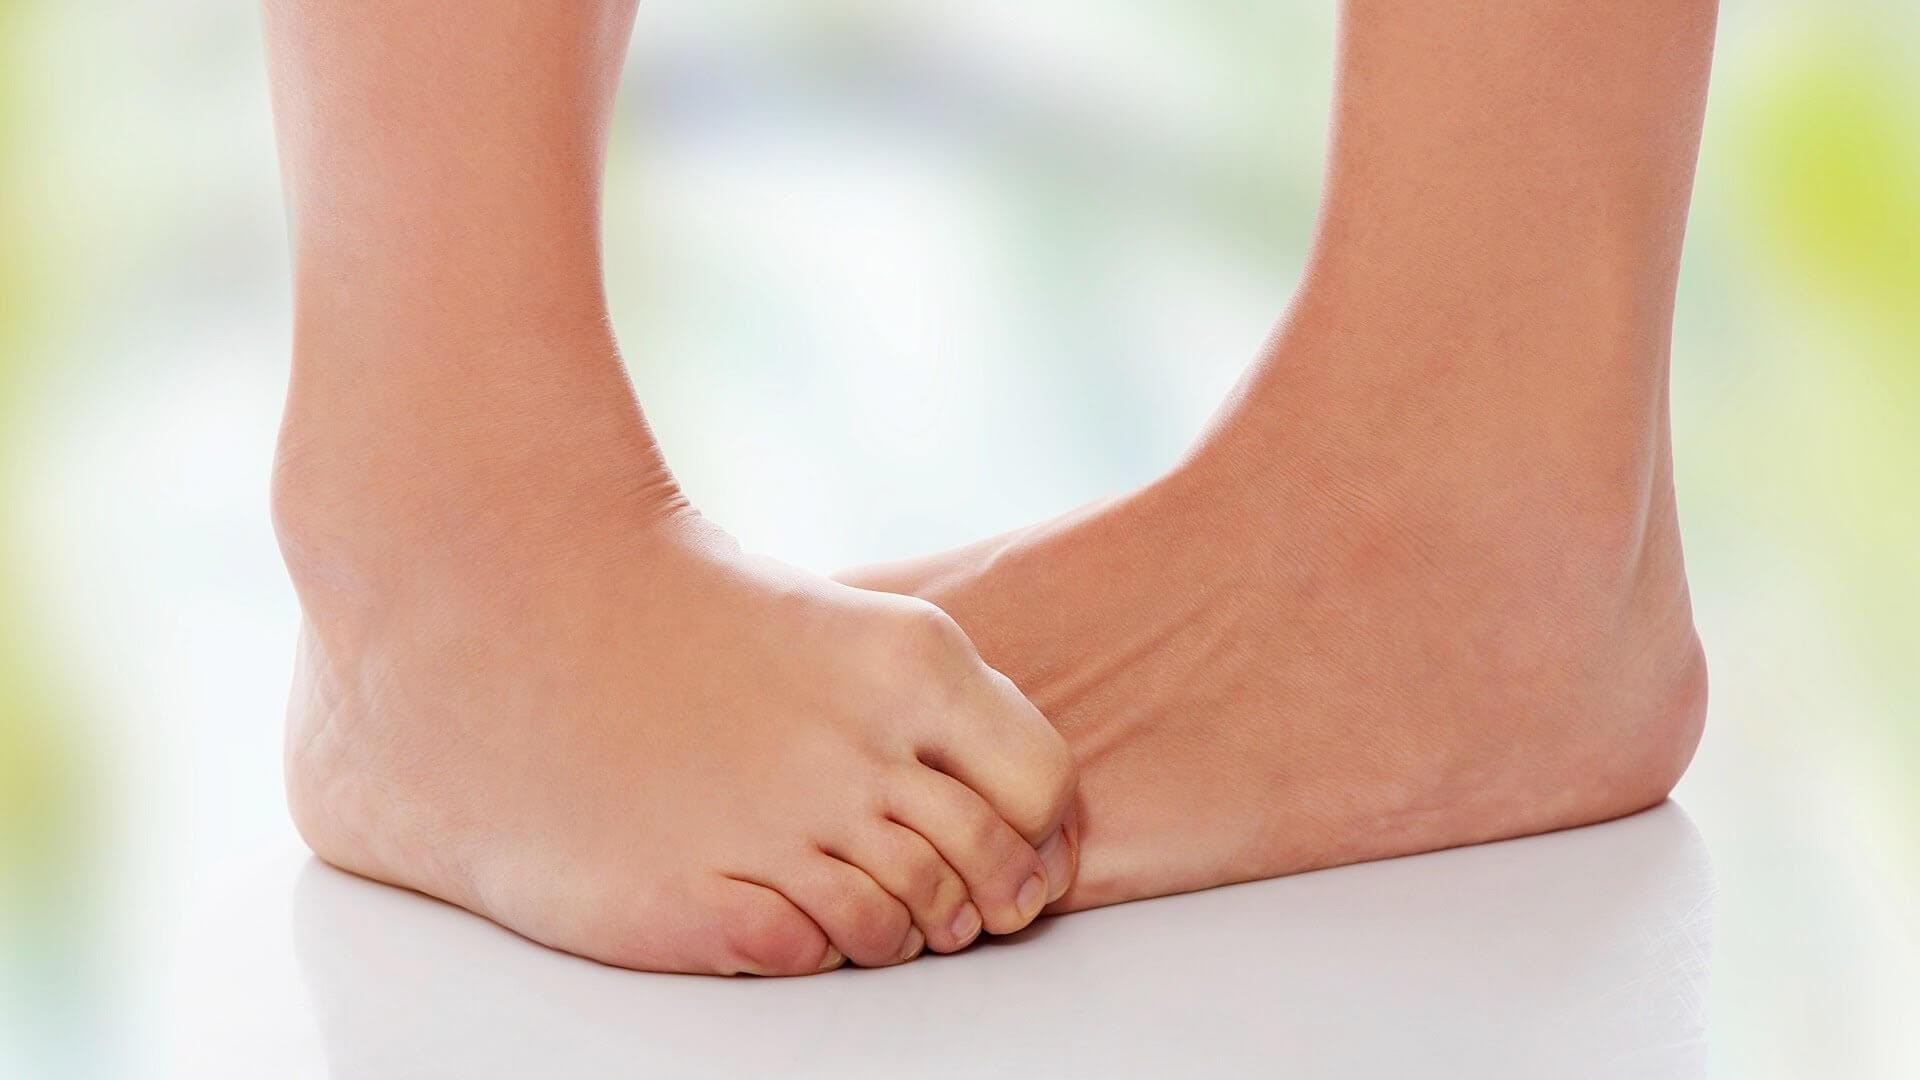 Как исправить вальгусное искривление ног у взрослого